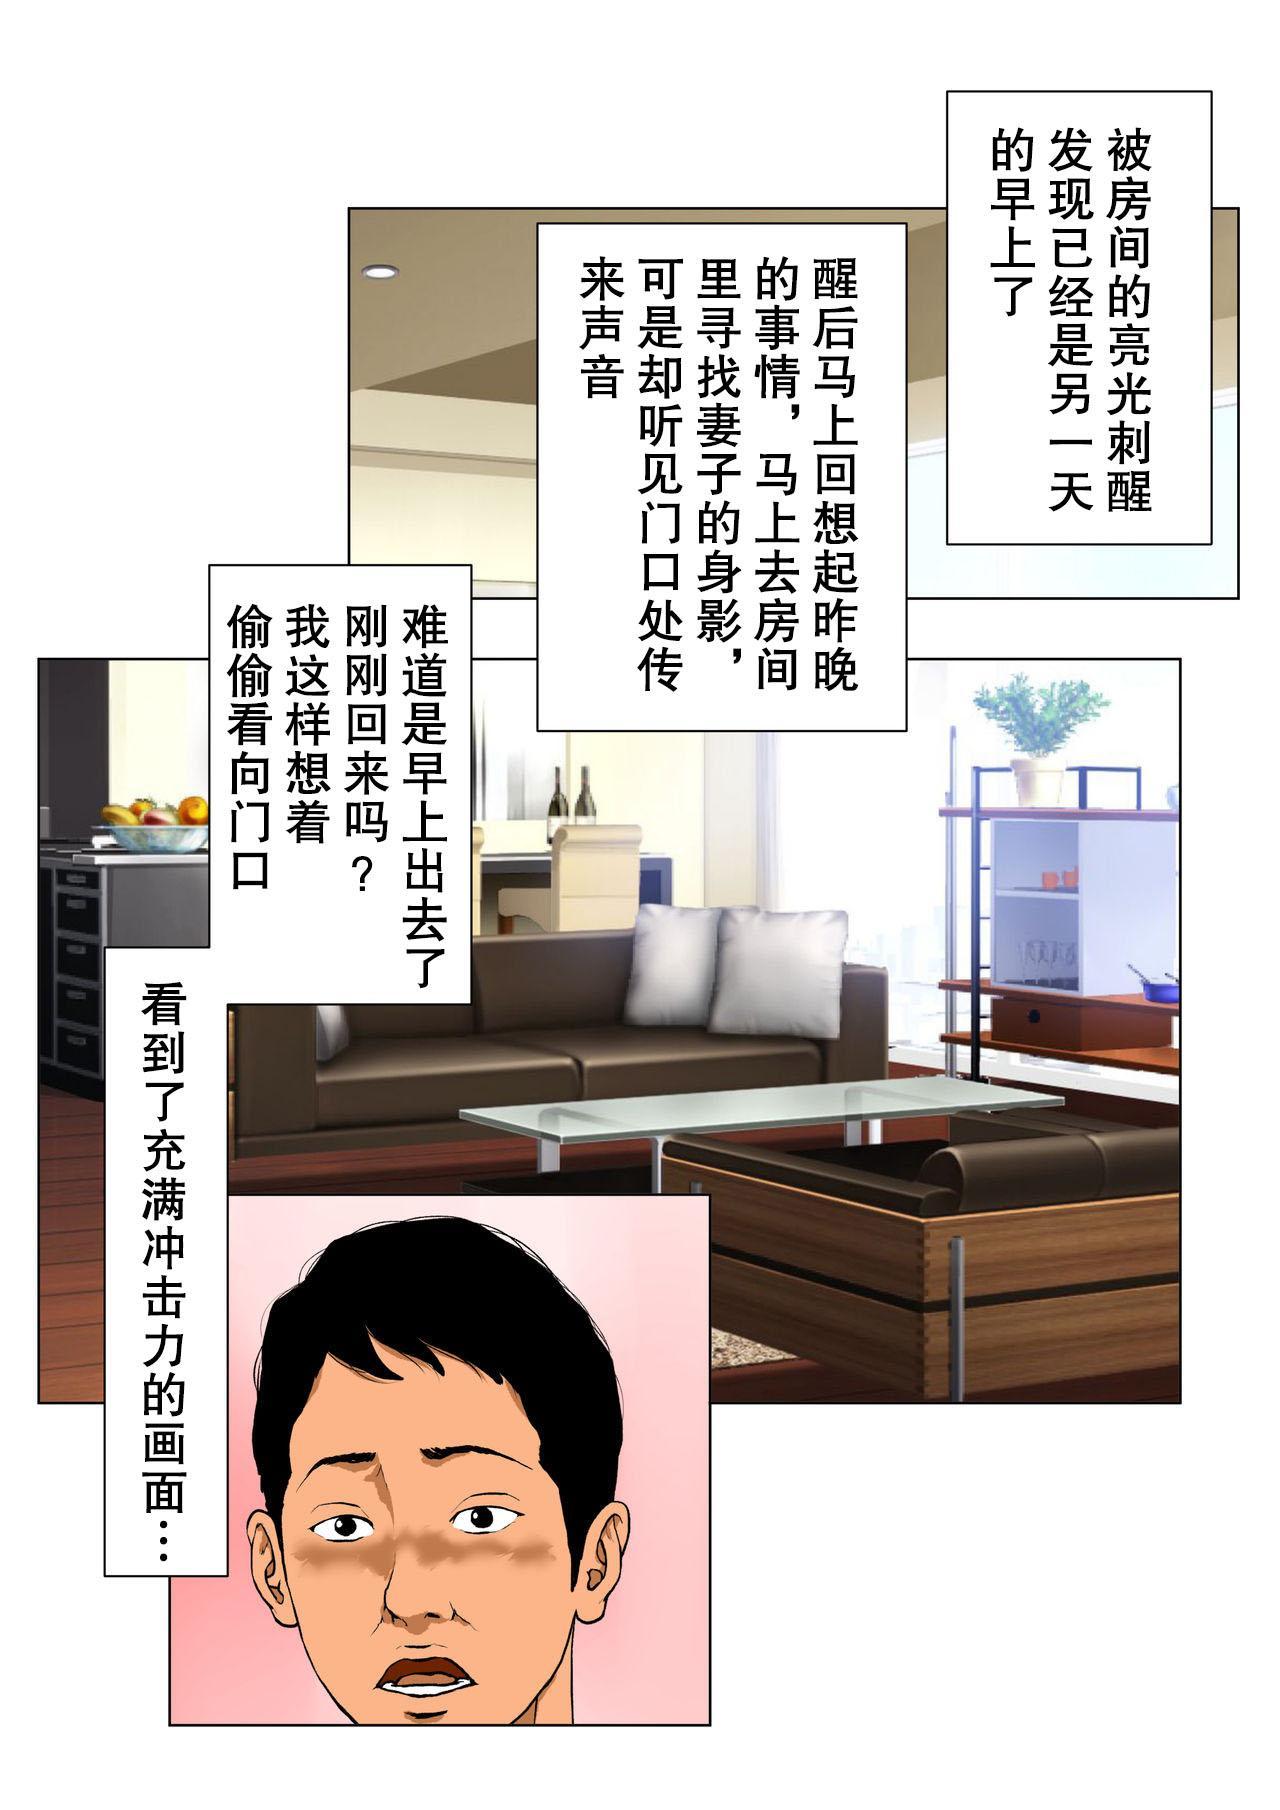 [W no Honnou] Shin, Boku no Tsuma to Kyokon no Moto AV Danyuu Buchou[Chinese]【不可视汉化】 67